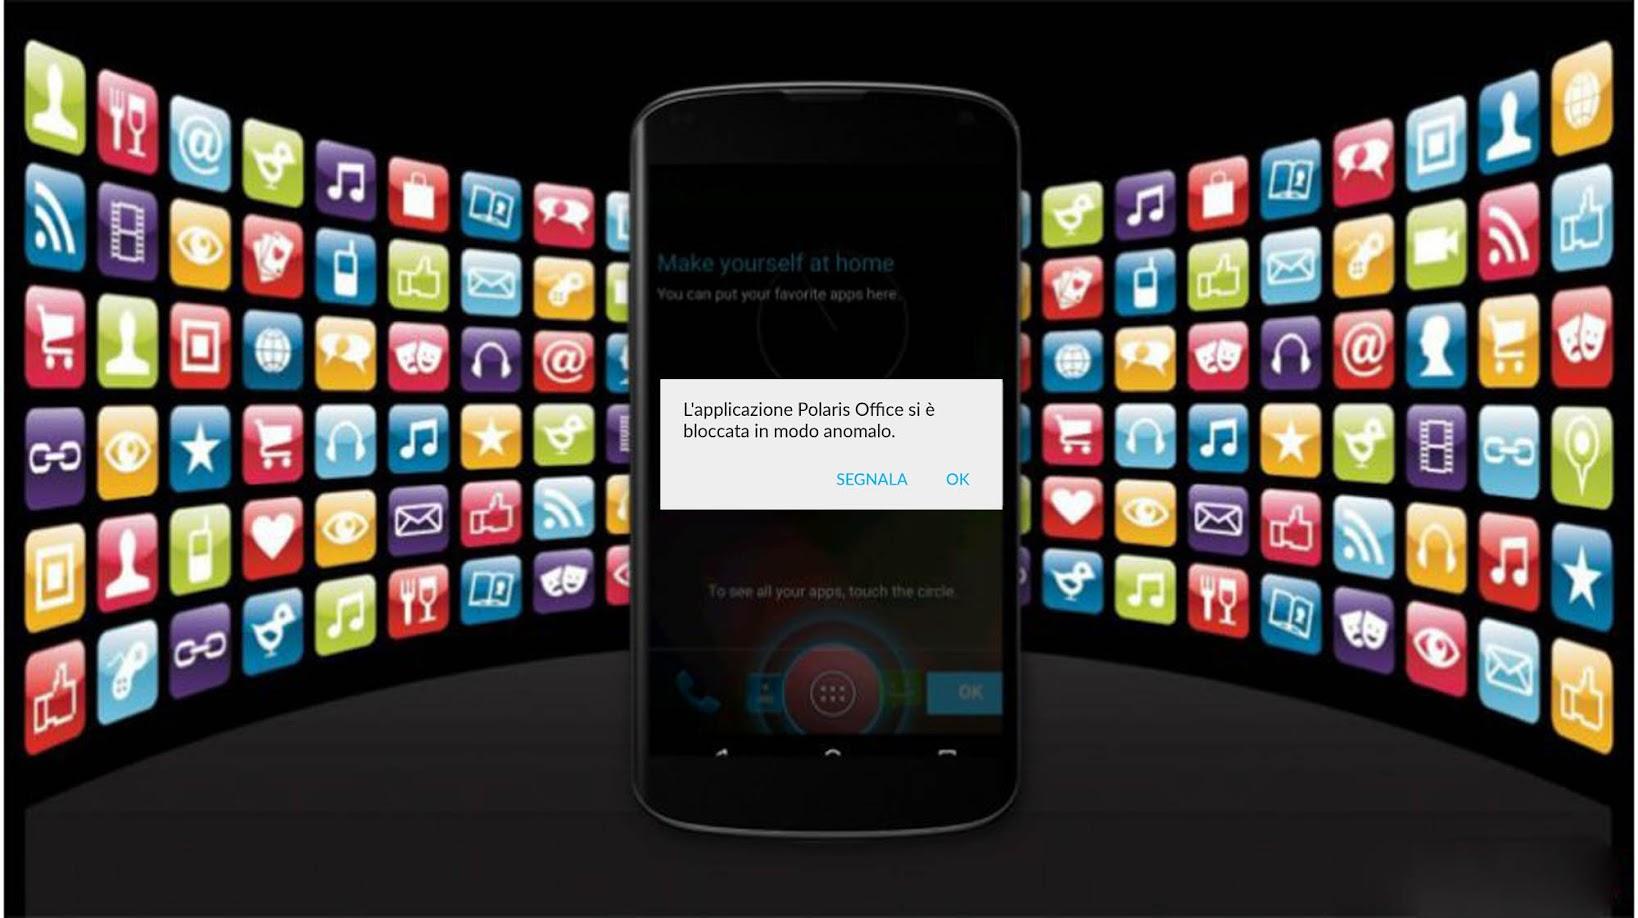 Come risolvere l'errore: L'app si è bloccata in modo anomalo